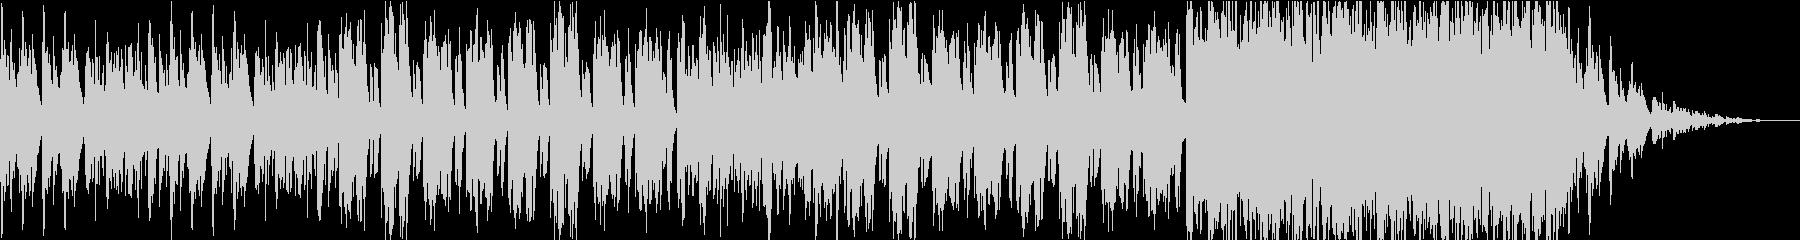 ハープの穏やかで物悲しい楽曲の未再生の波形